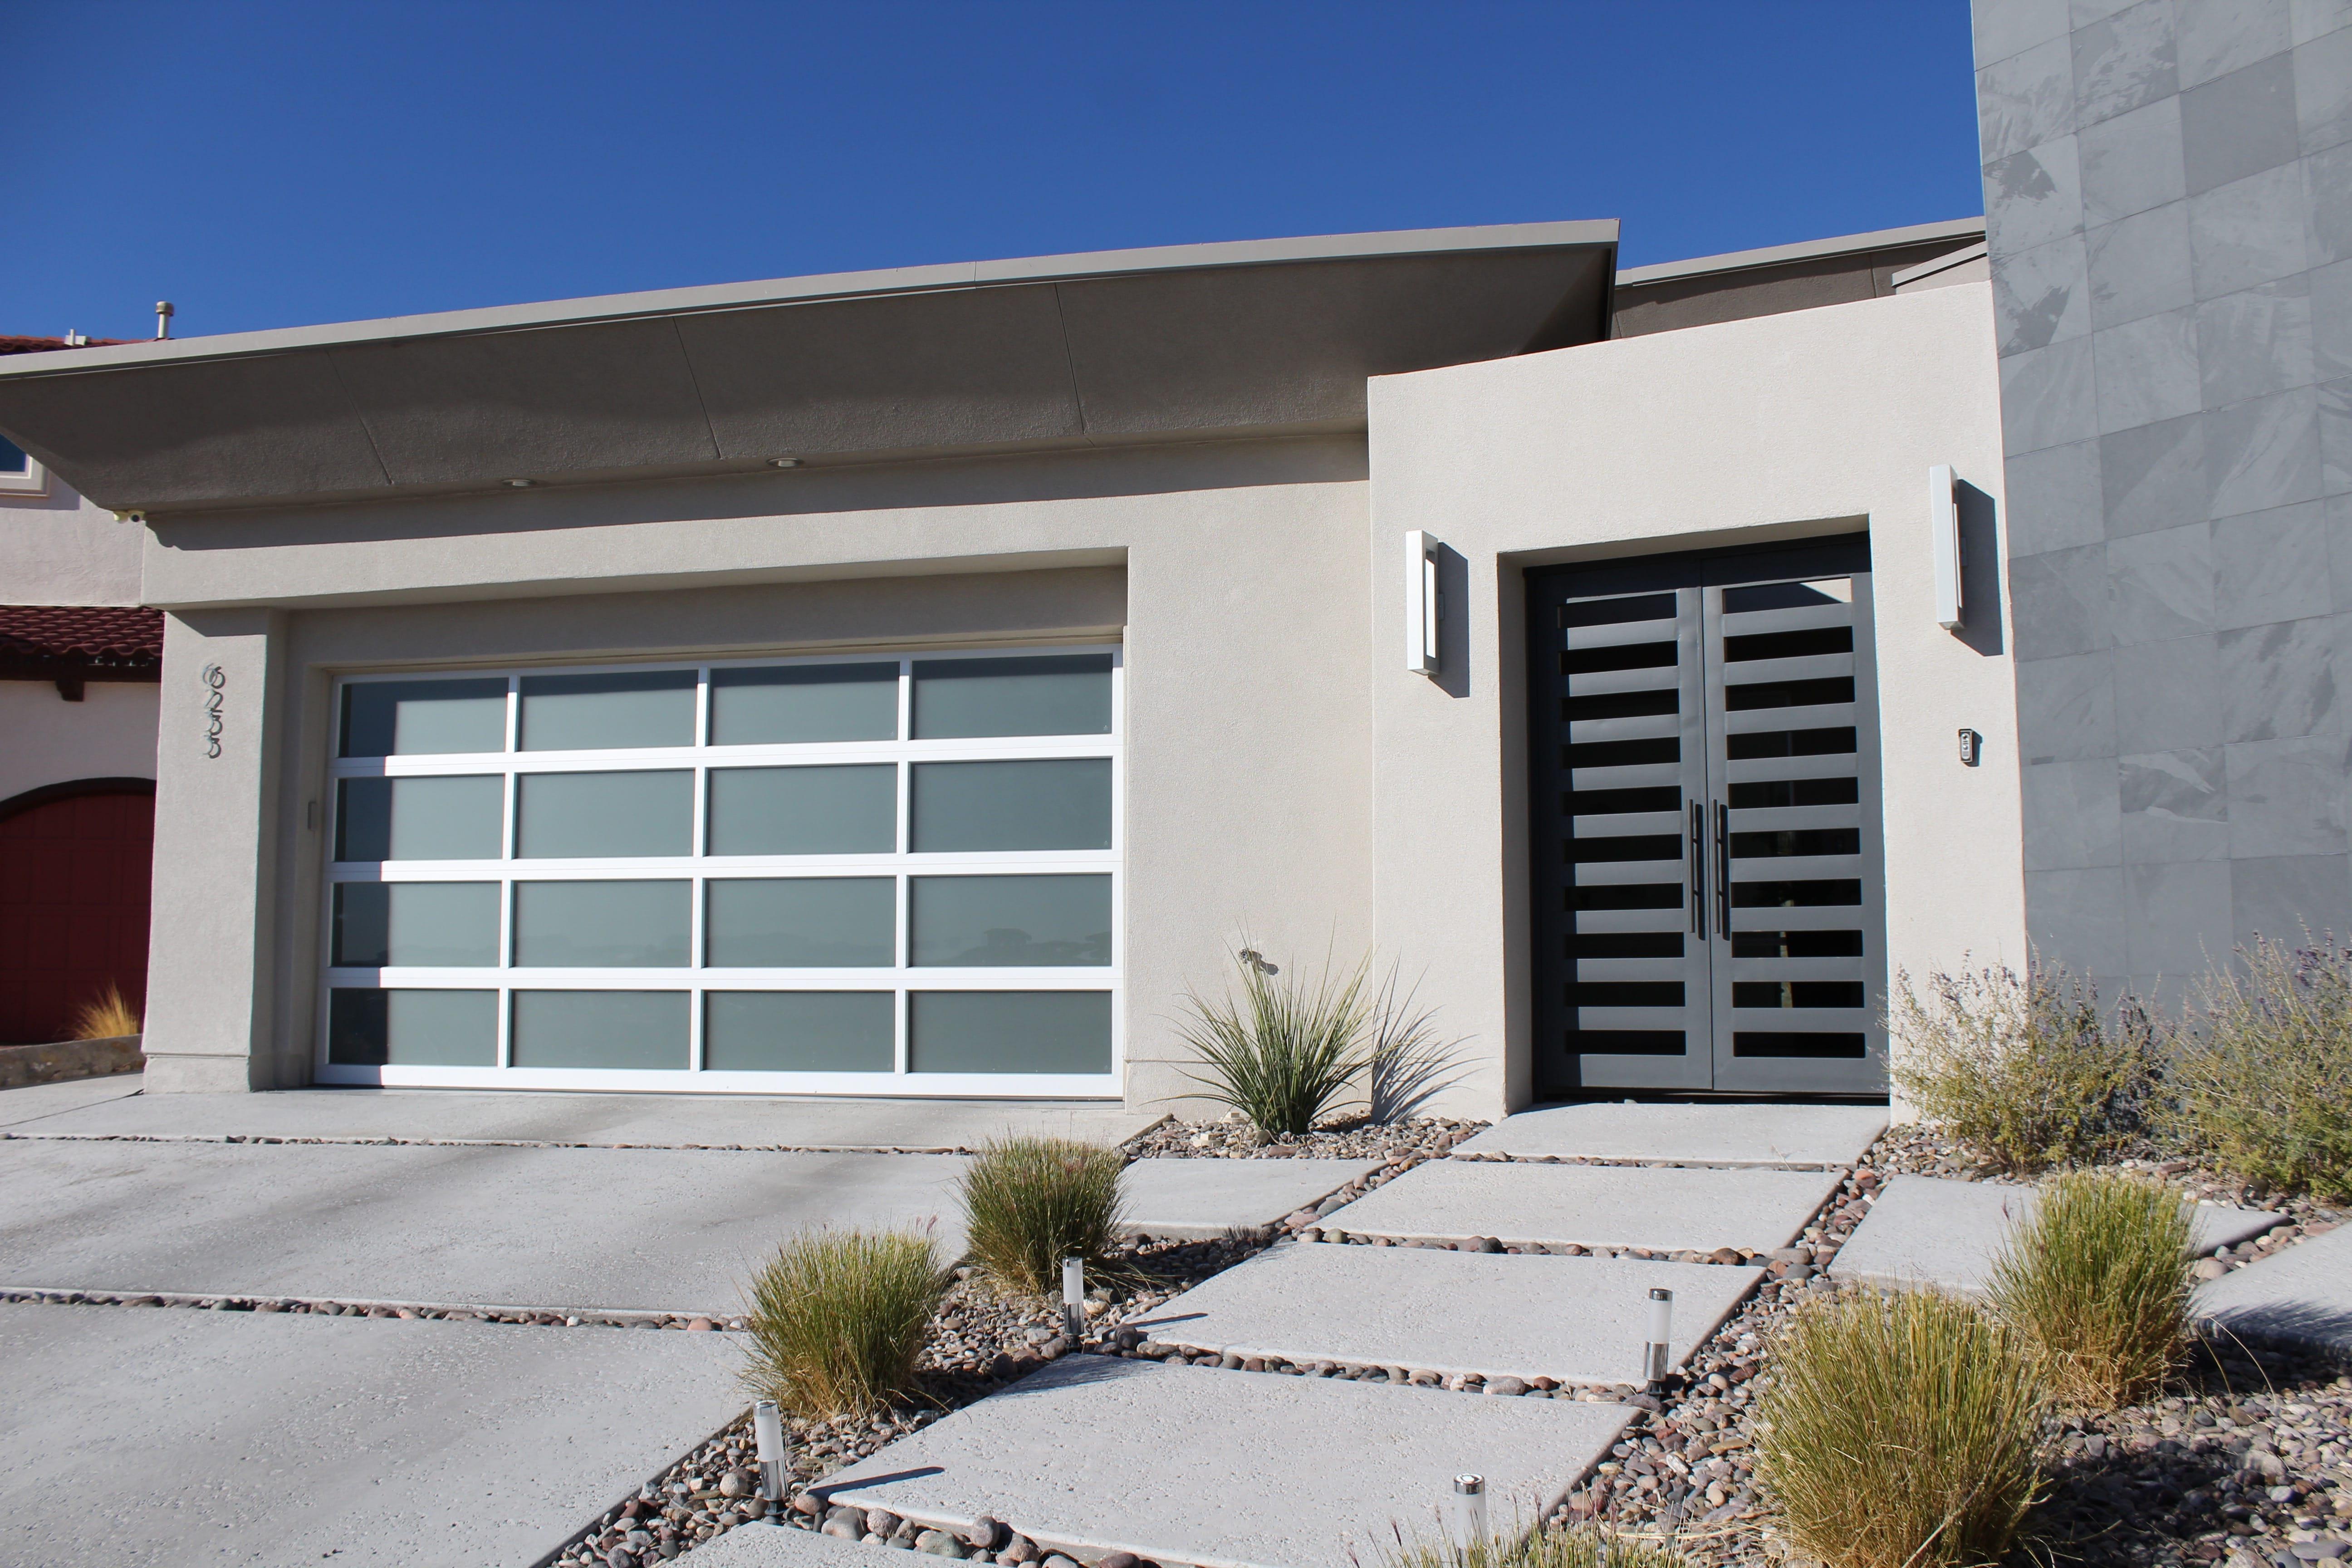 3456 #345897 Sun Garage Doors Inc In El Paso TX 79936 ChamberofCommerce.com pic Garage Doors Inc 38415184